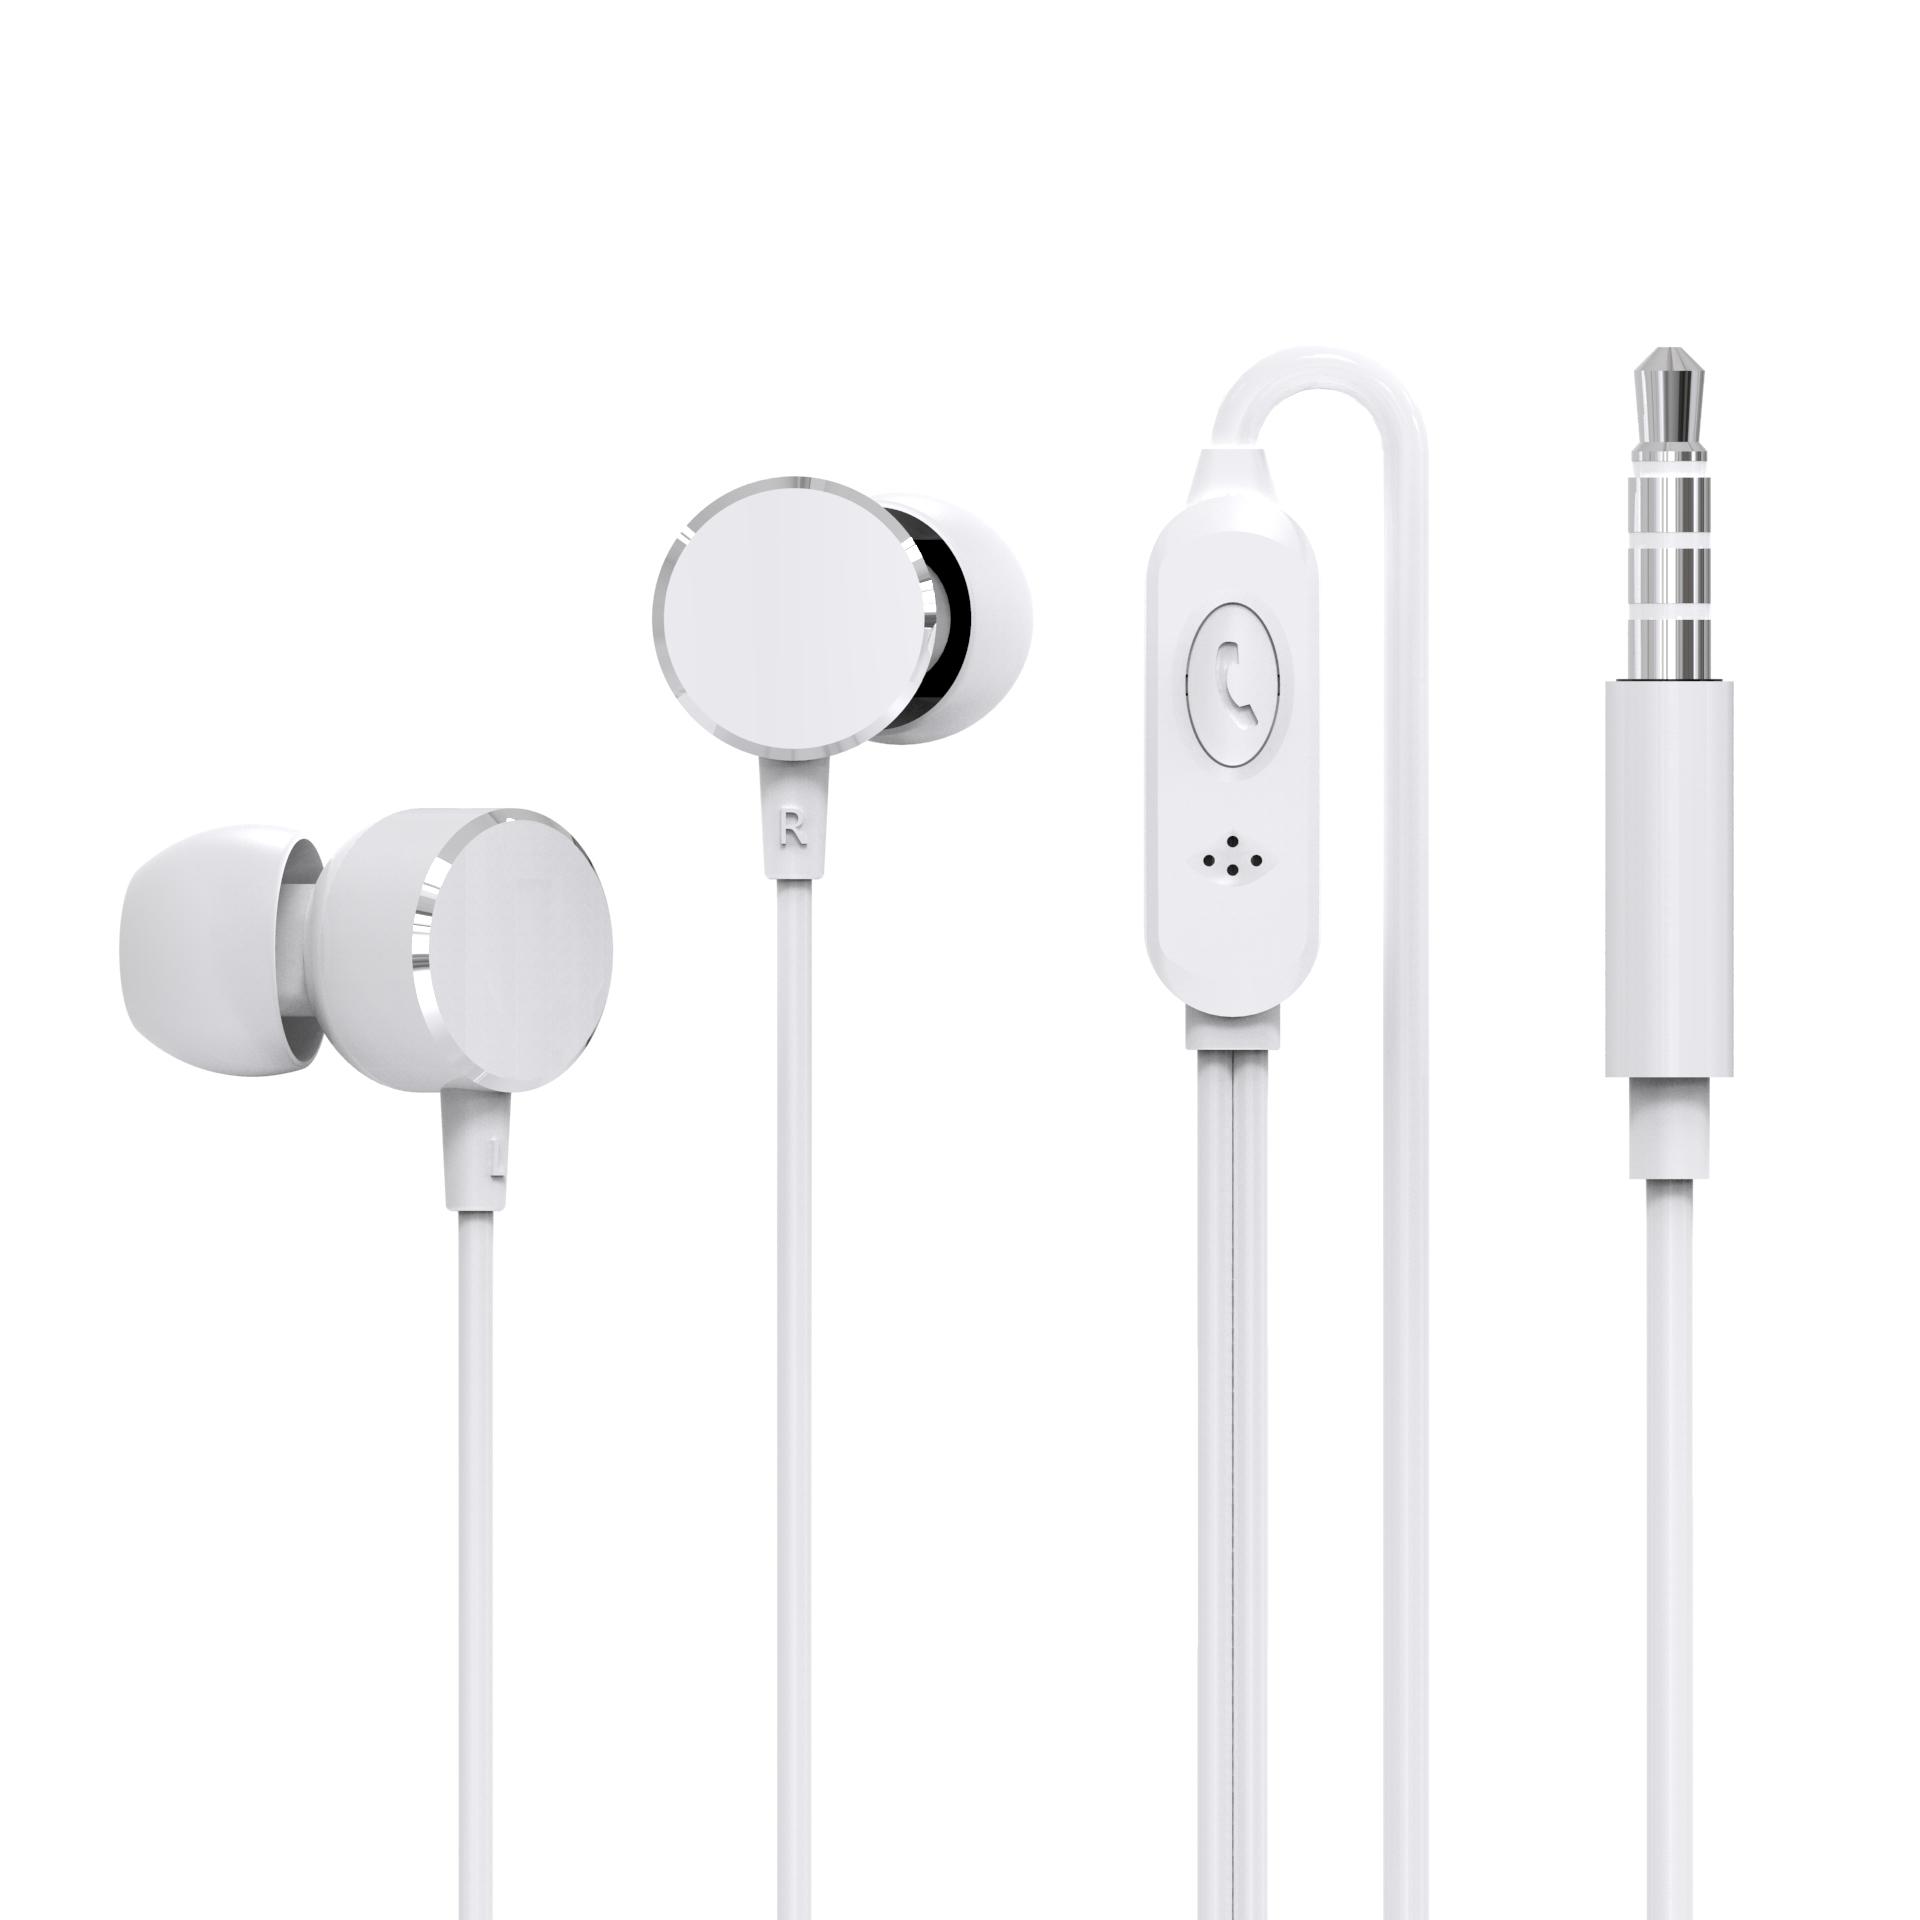 耳机厂家推出新款耳机-H17